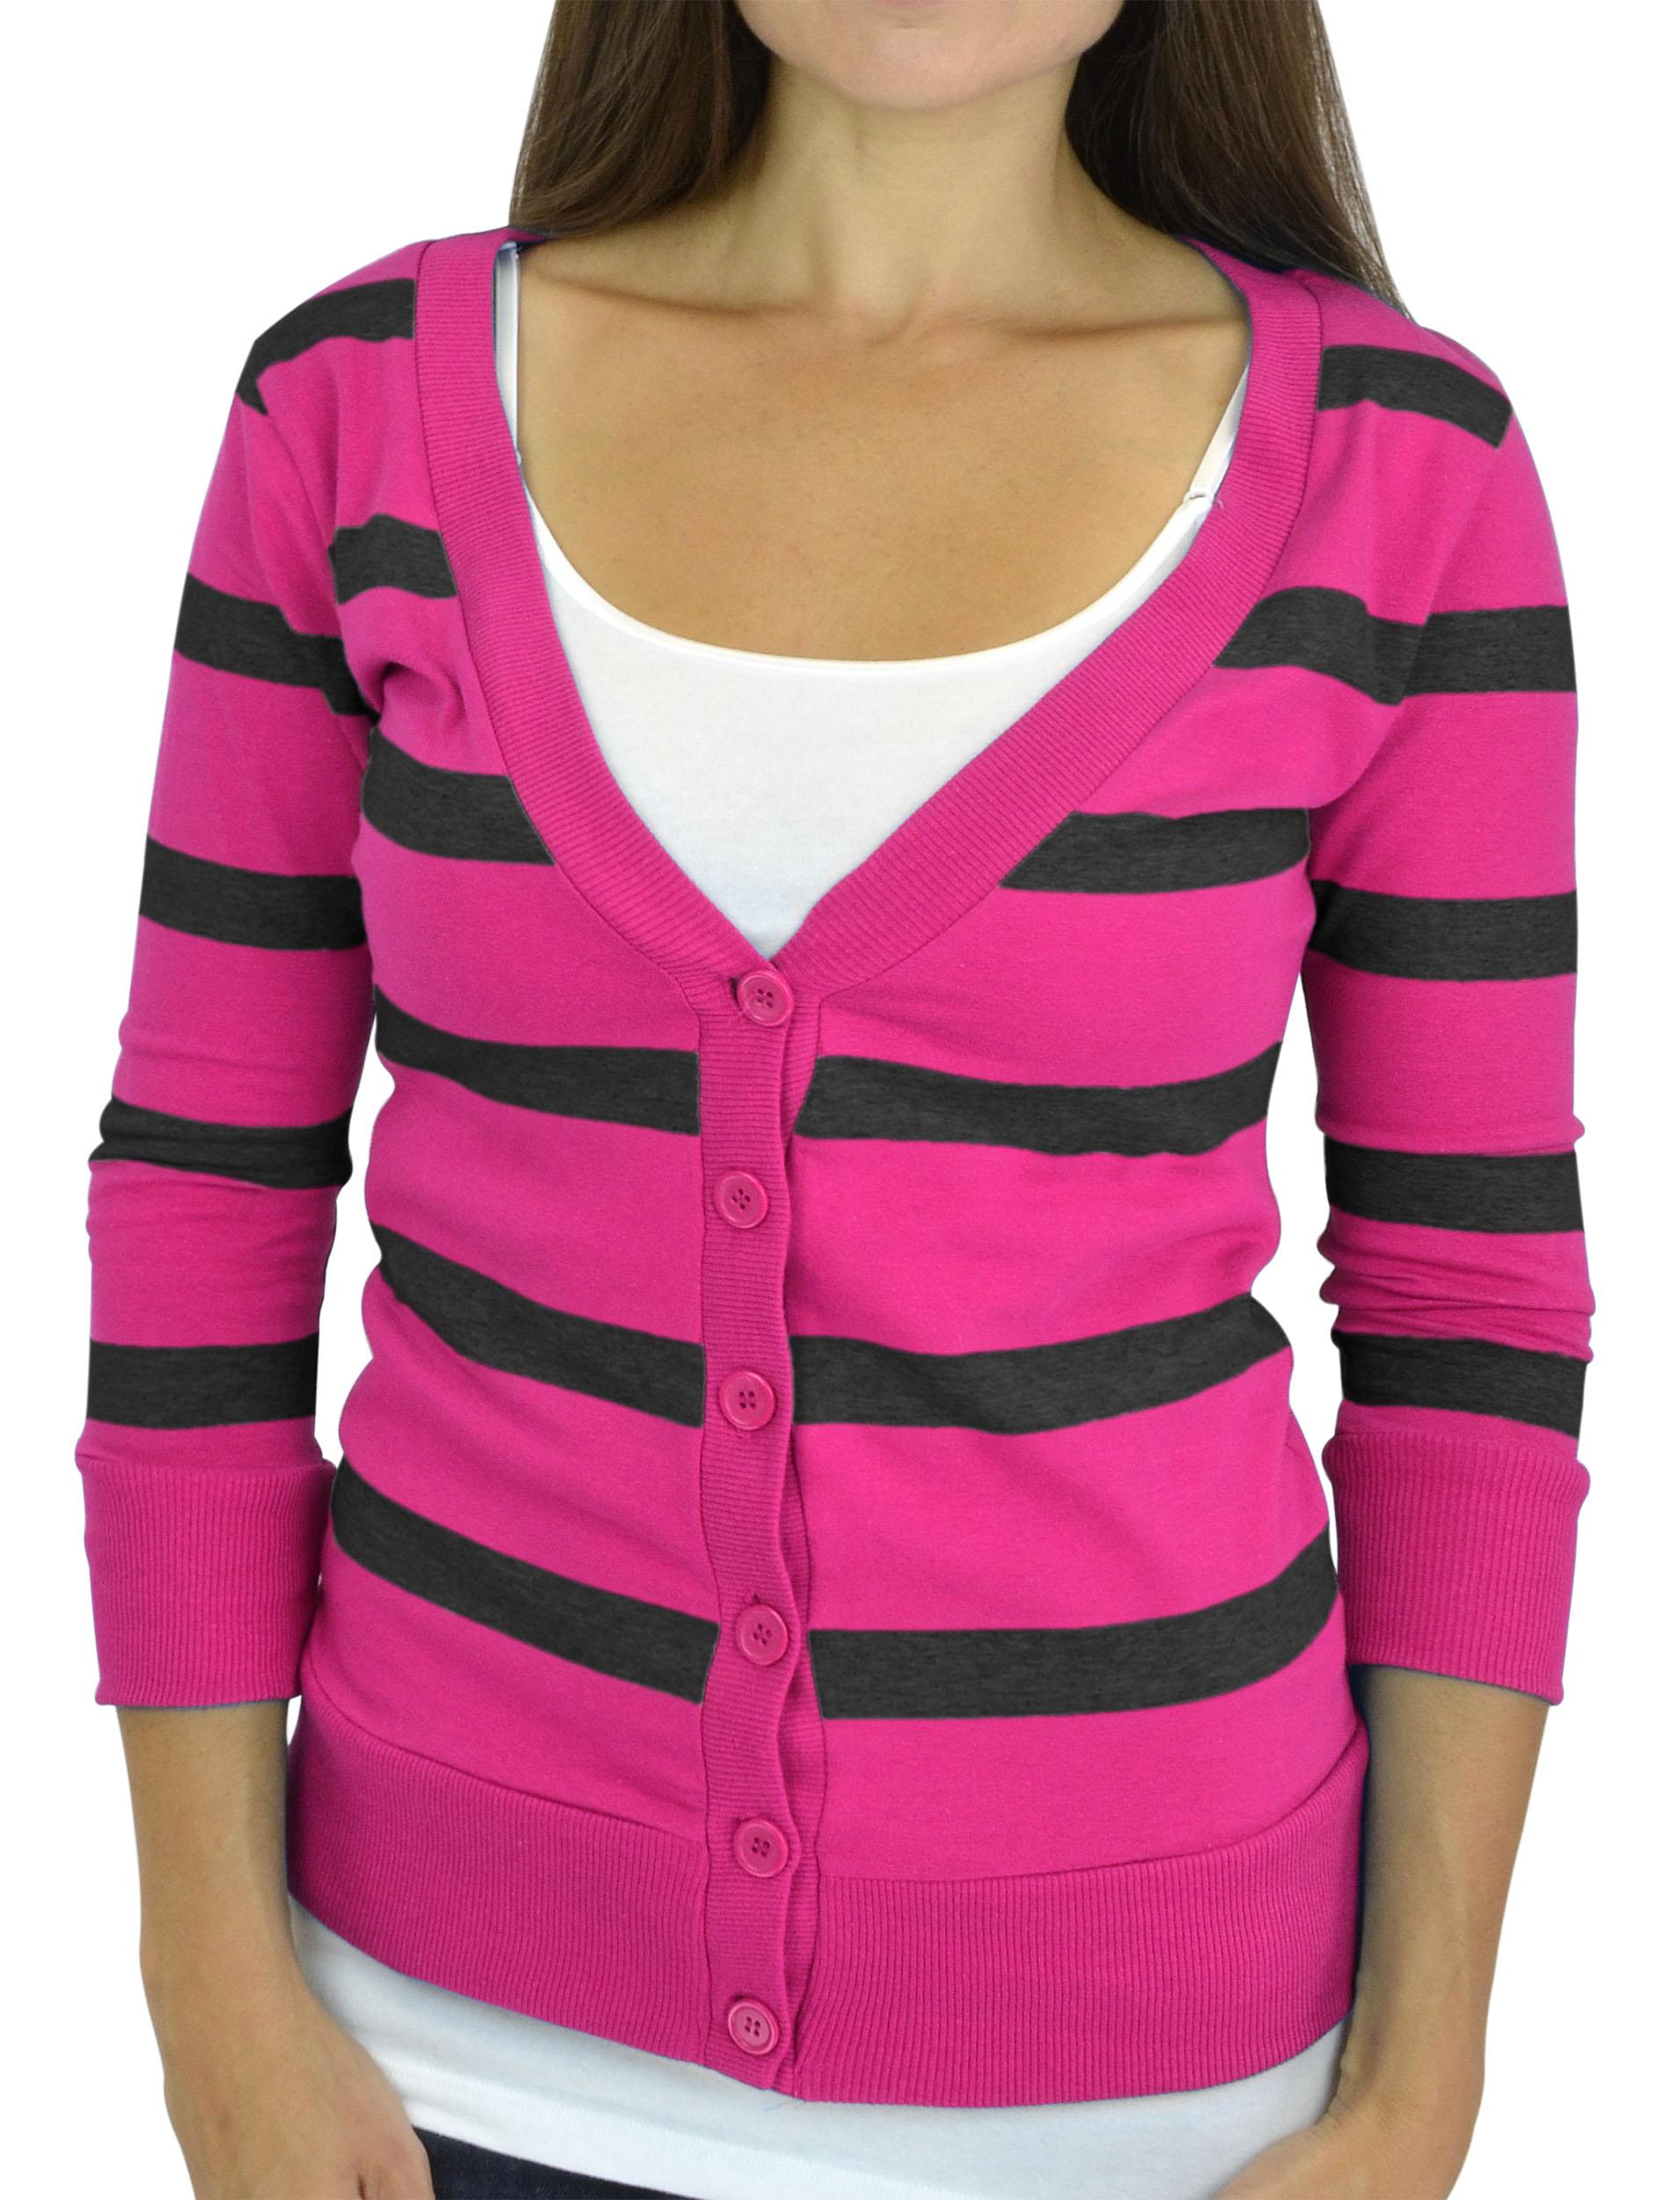 Belle Donne - Women / Girl Junior Size Soft 3/4 Sleeve V-Neck Sweater Cardigans - Black/Small